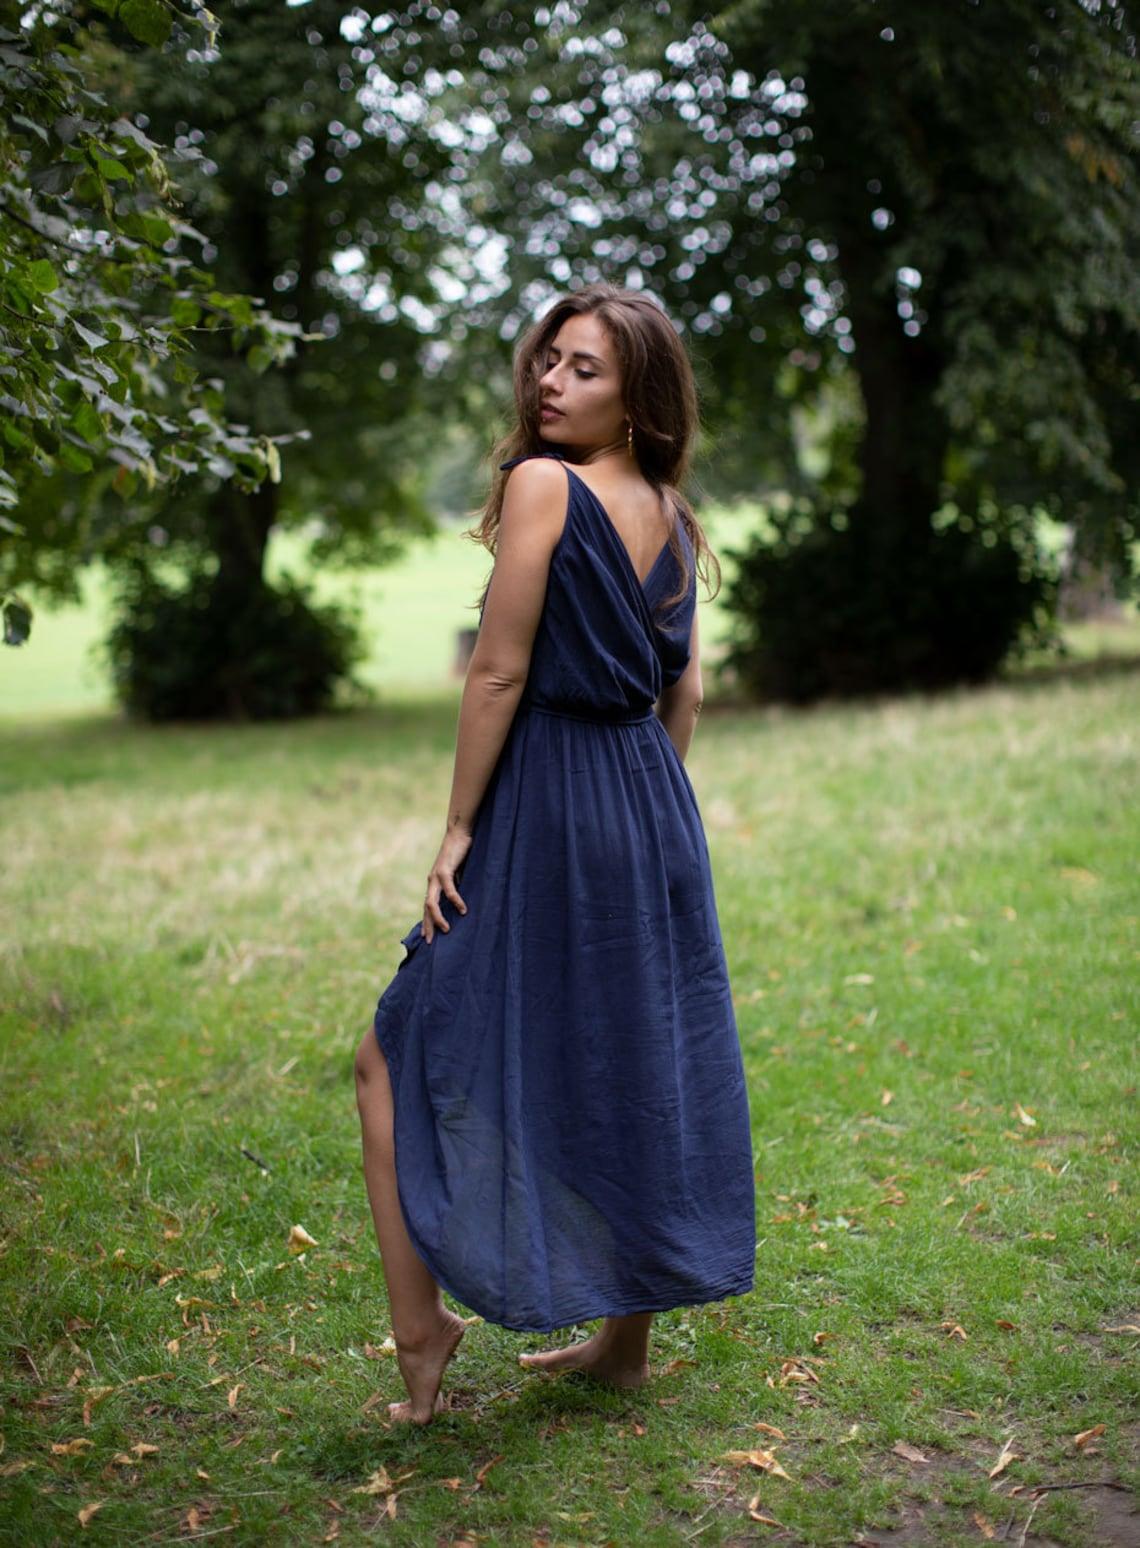 Blue Asymmetric Cotton Boho Dress Hippie Tribal Dress